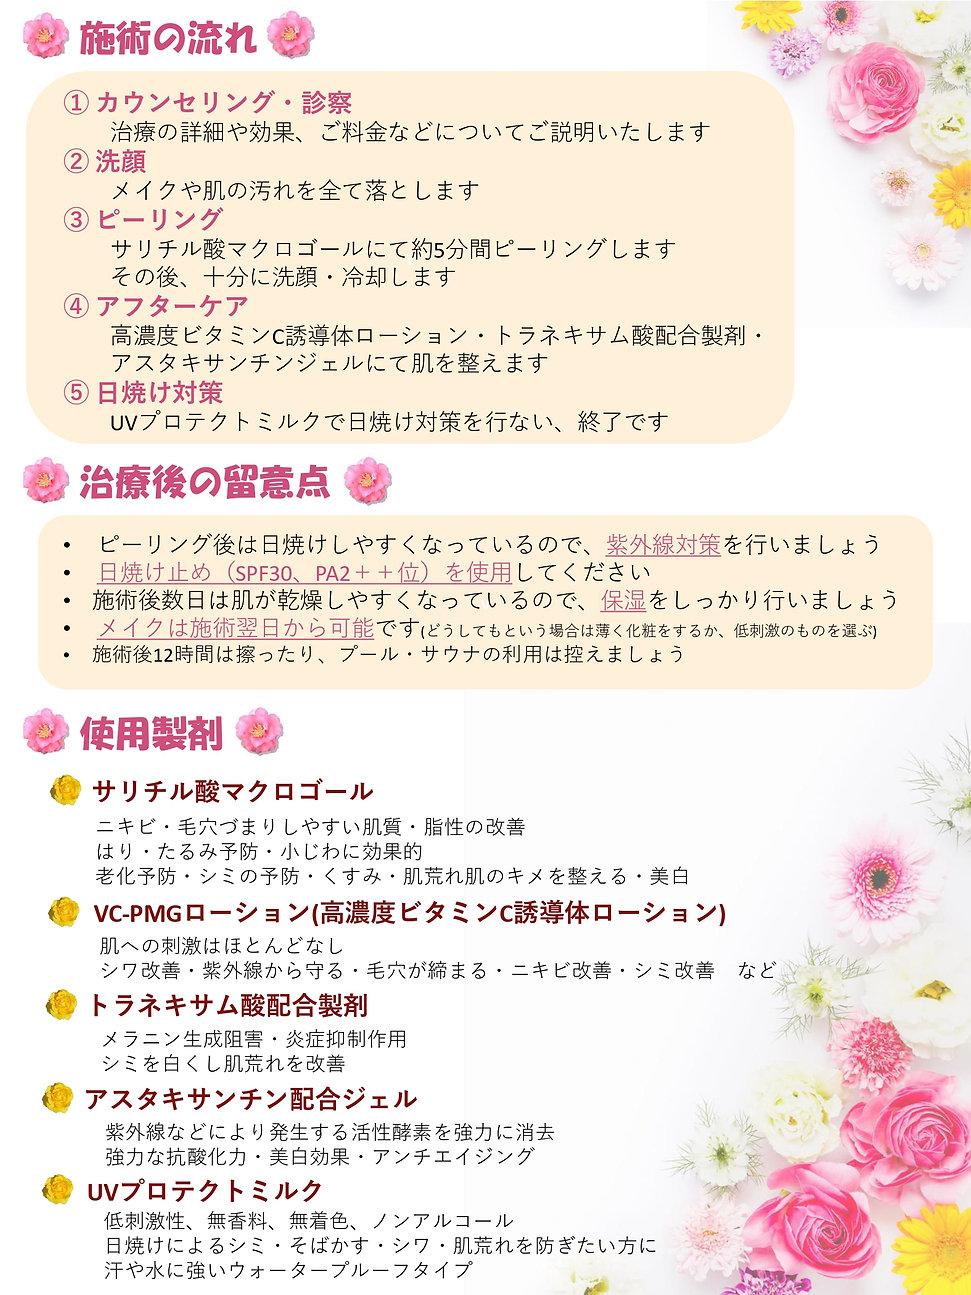 ケミカルピーリング_page-0002.jpg